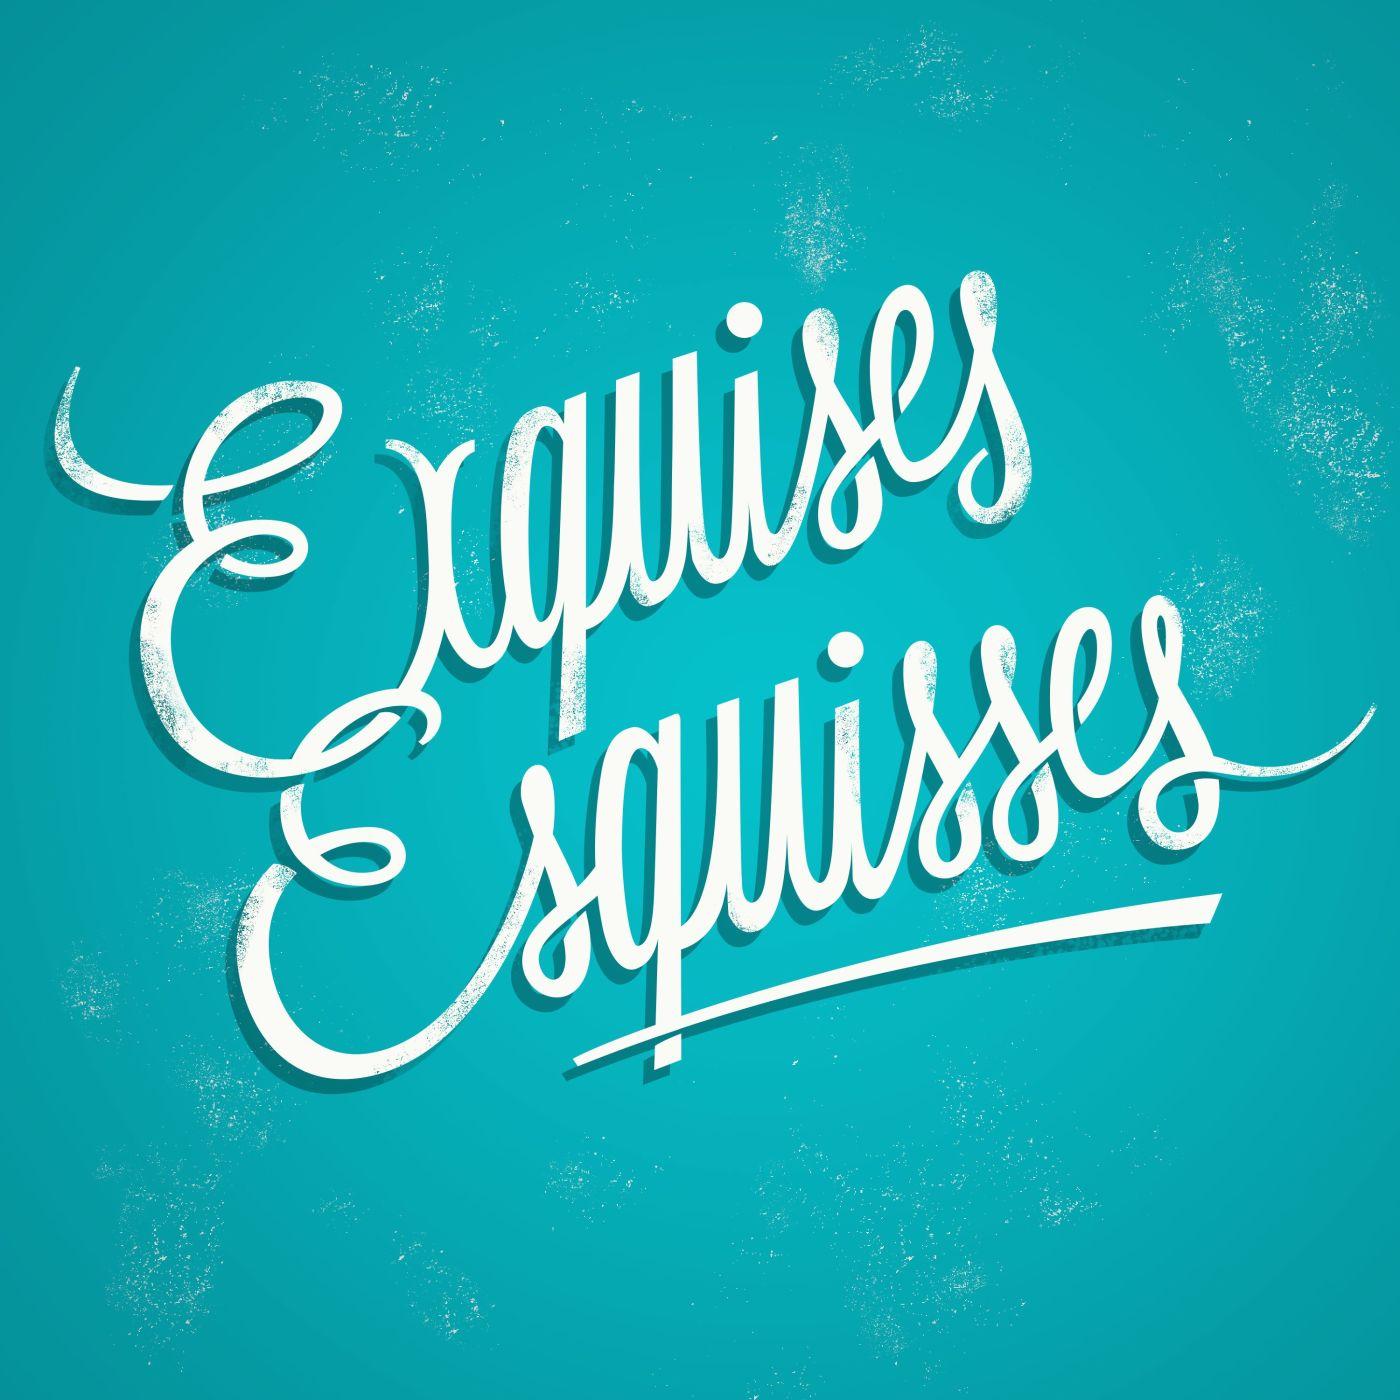 Exquises Esquisses